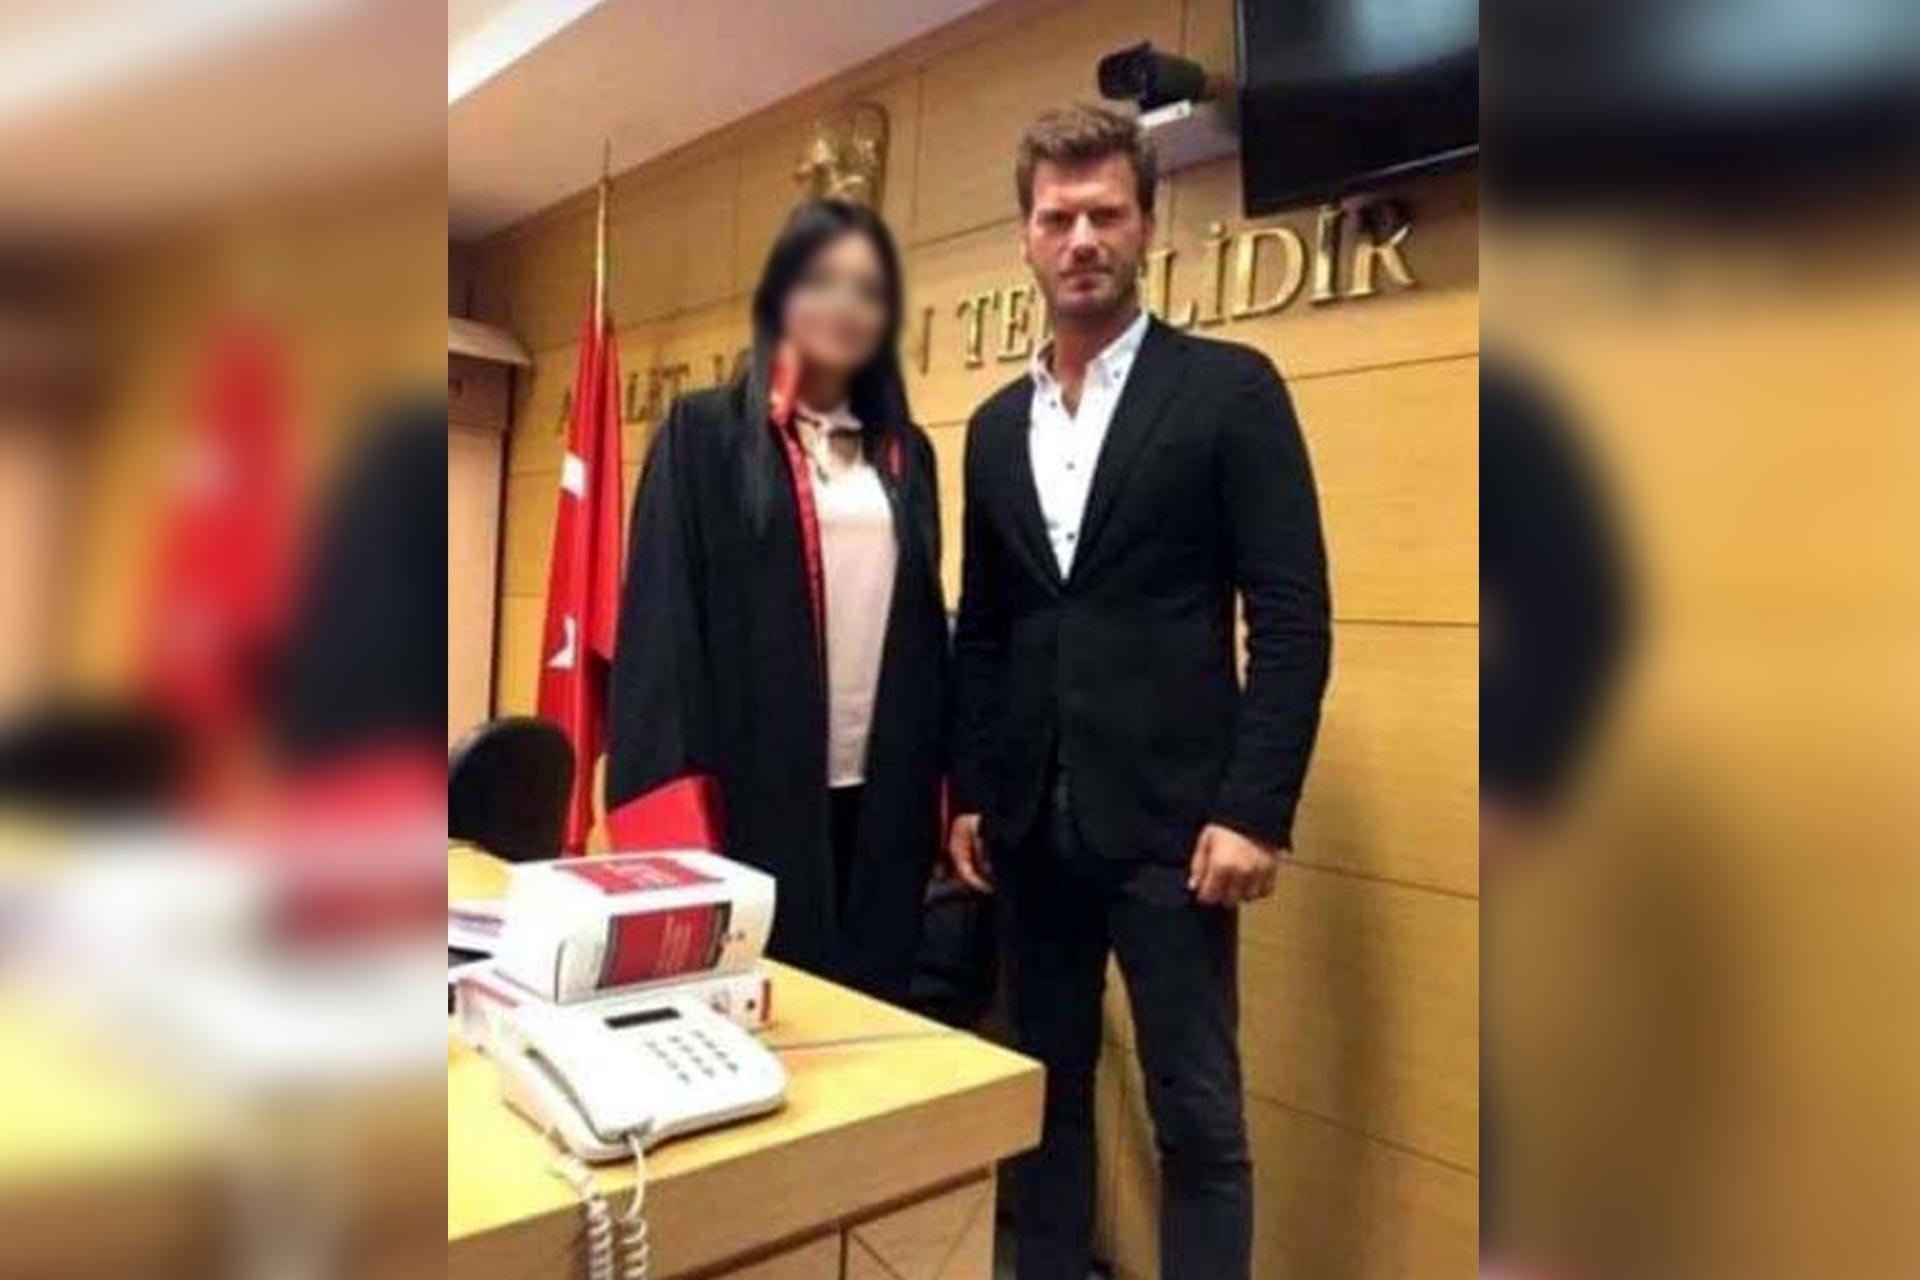 Hakim ile Oyuncu Kıvanç Tatlıtuğ'un duruşma salonundaki fotoğrafına HSK'dan inceleme